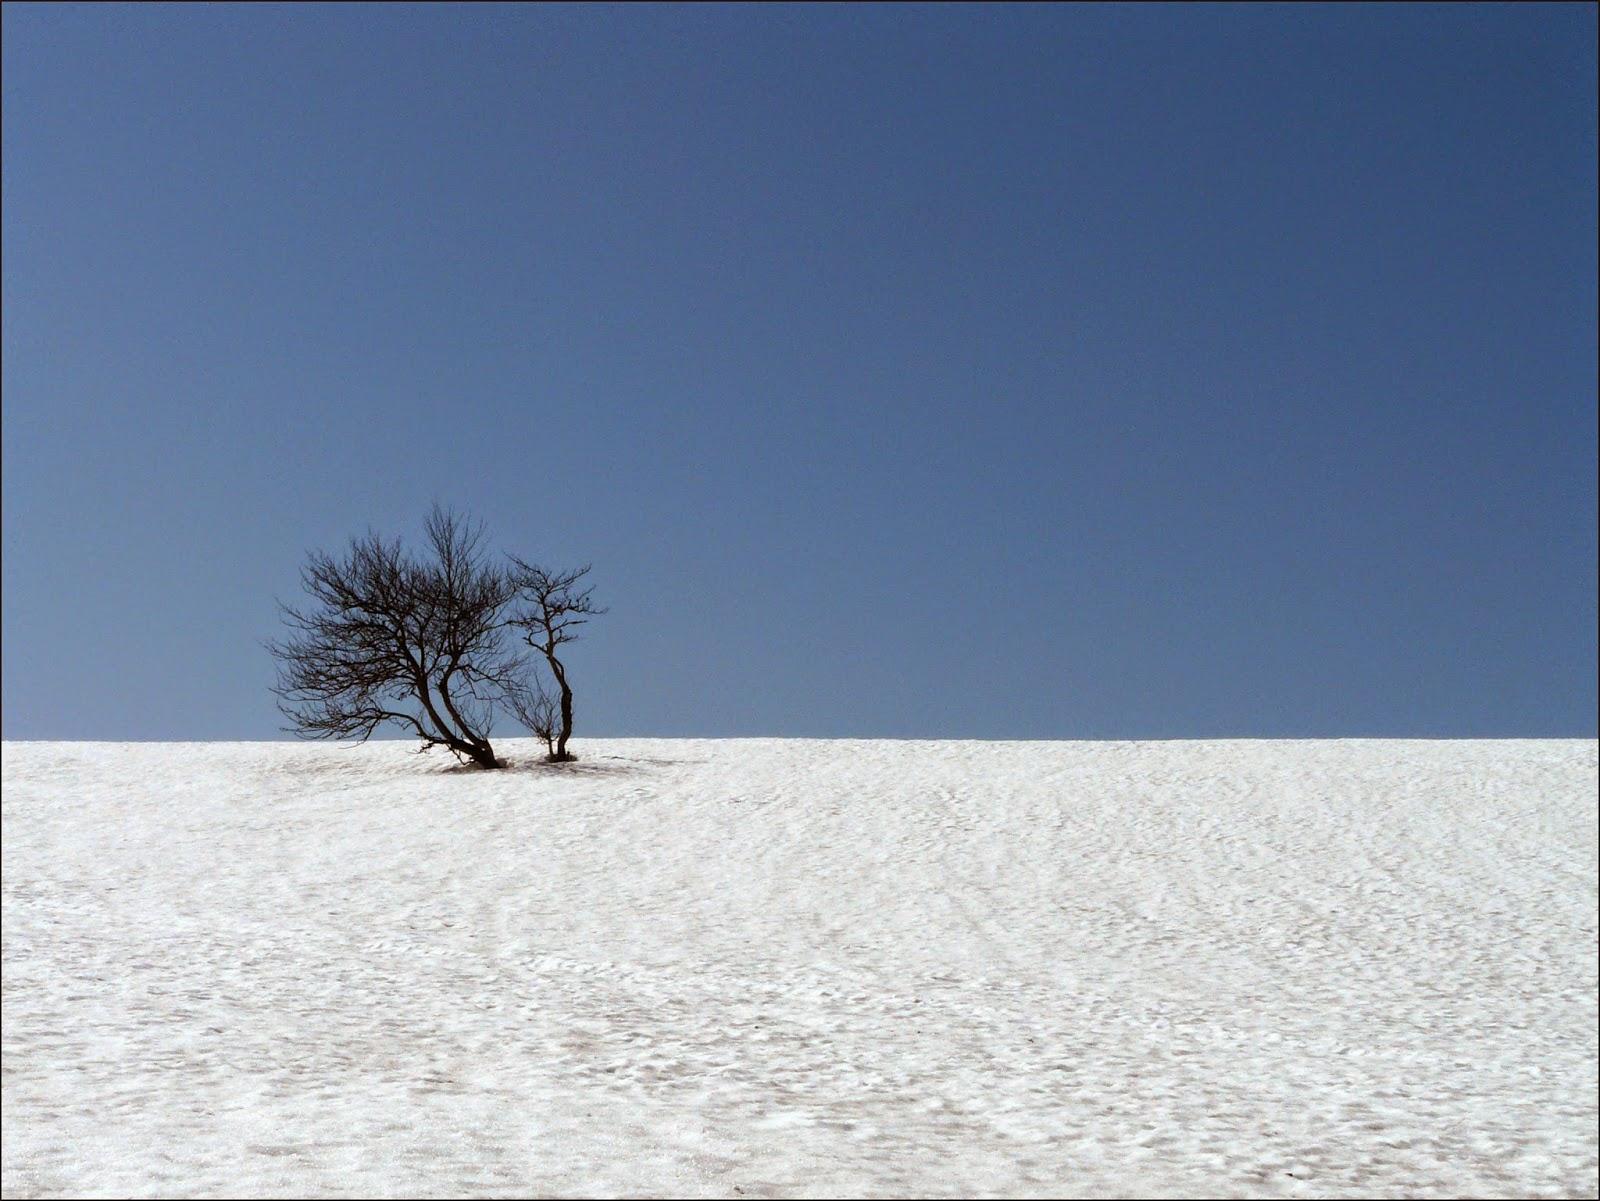 Minimalismo y fotograf a de paisaje el paisaje perfecto for Minimalismo